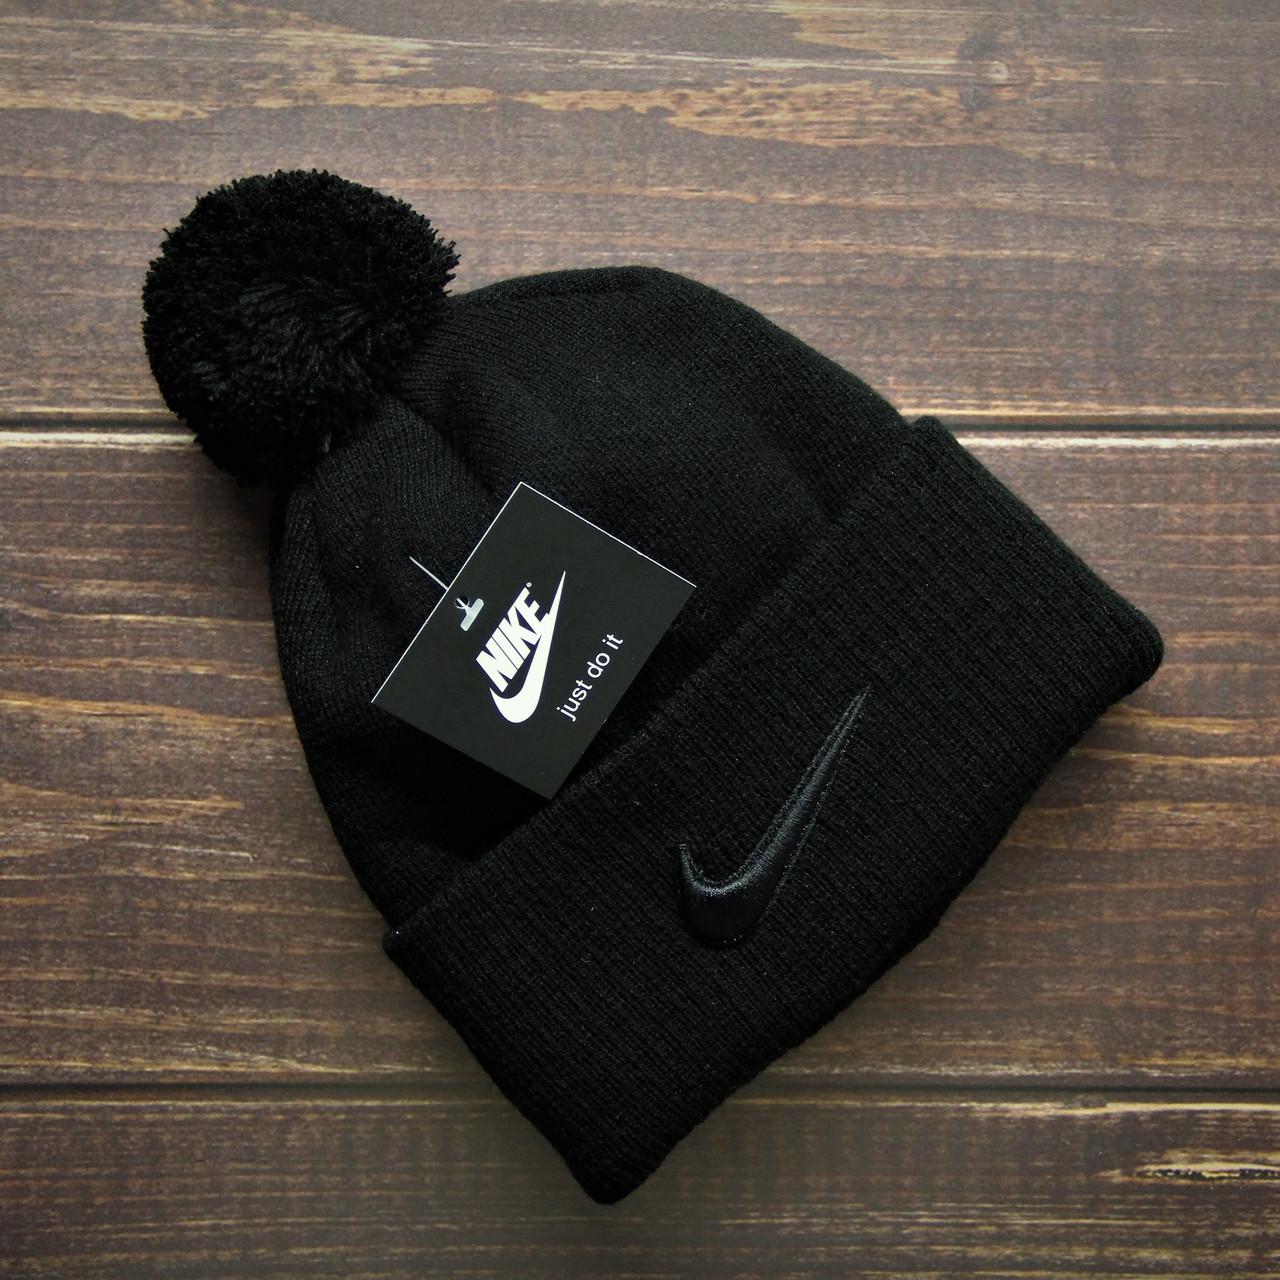 Шапка мужская\женская - (флисовая подкладка) в стиле Nike чёрный